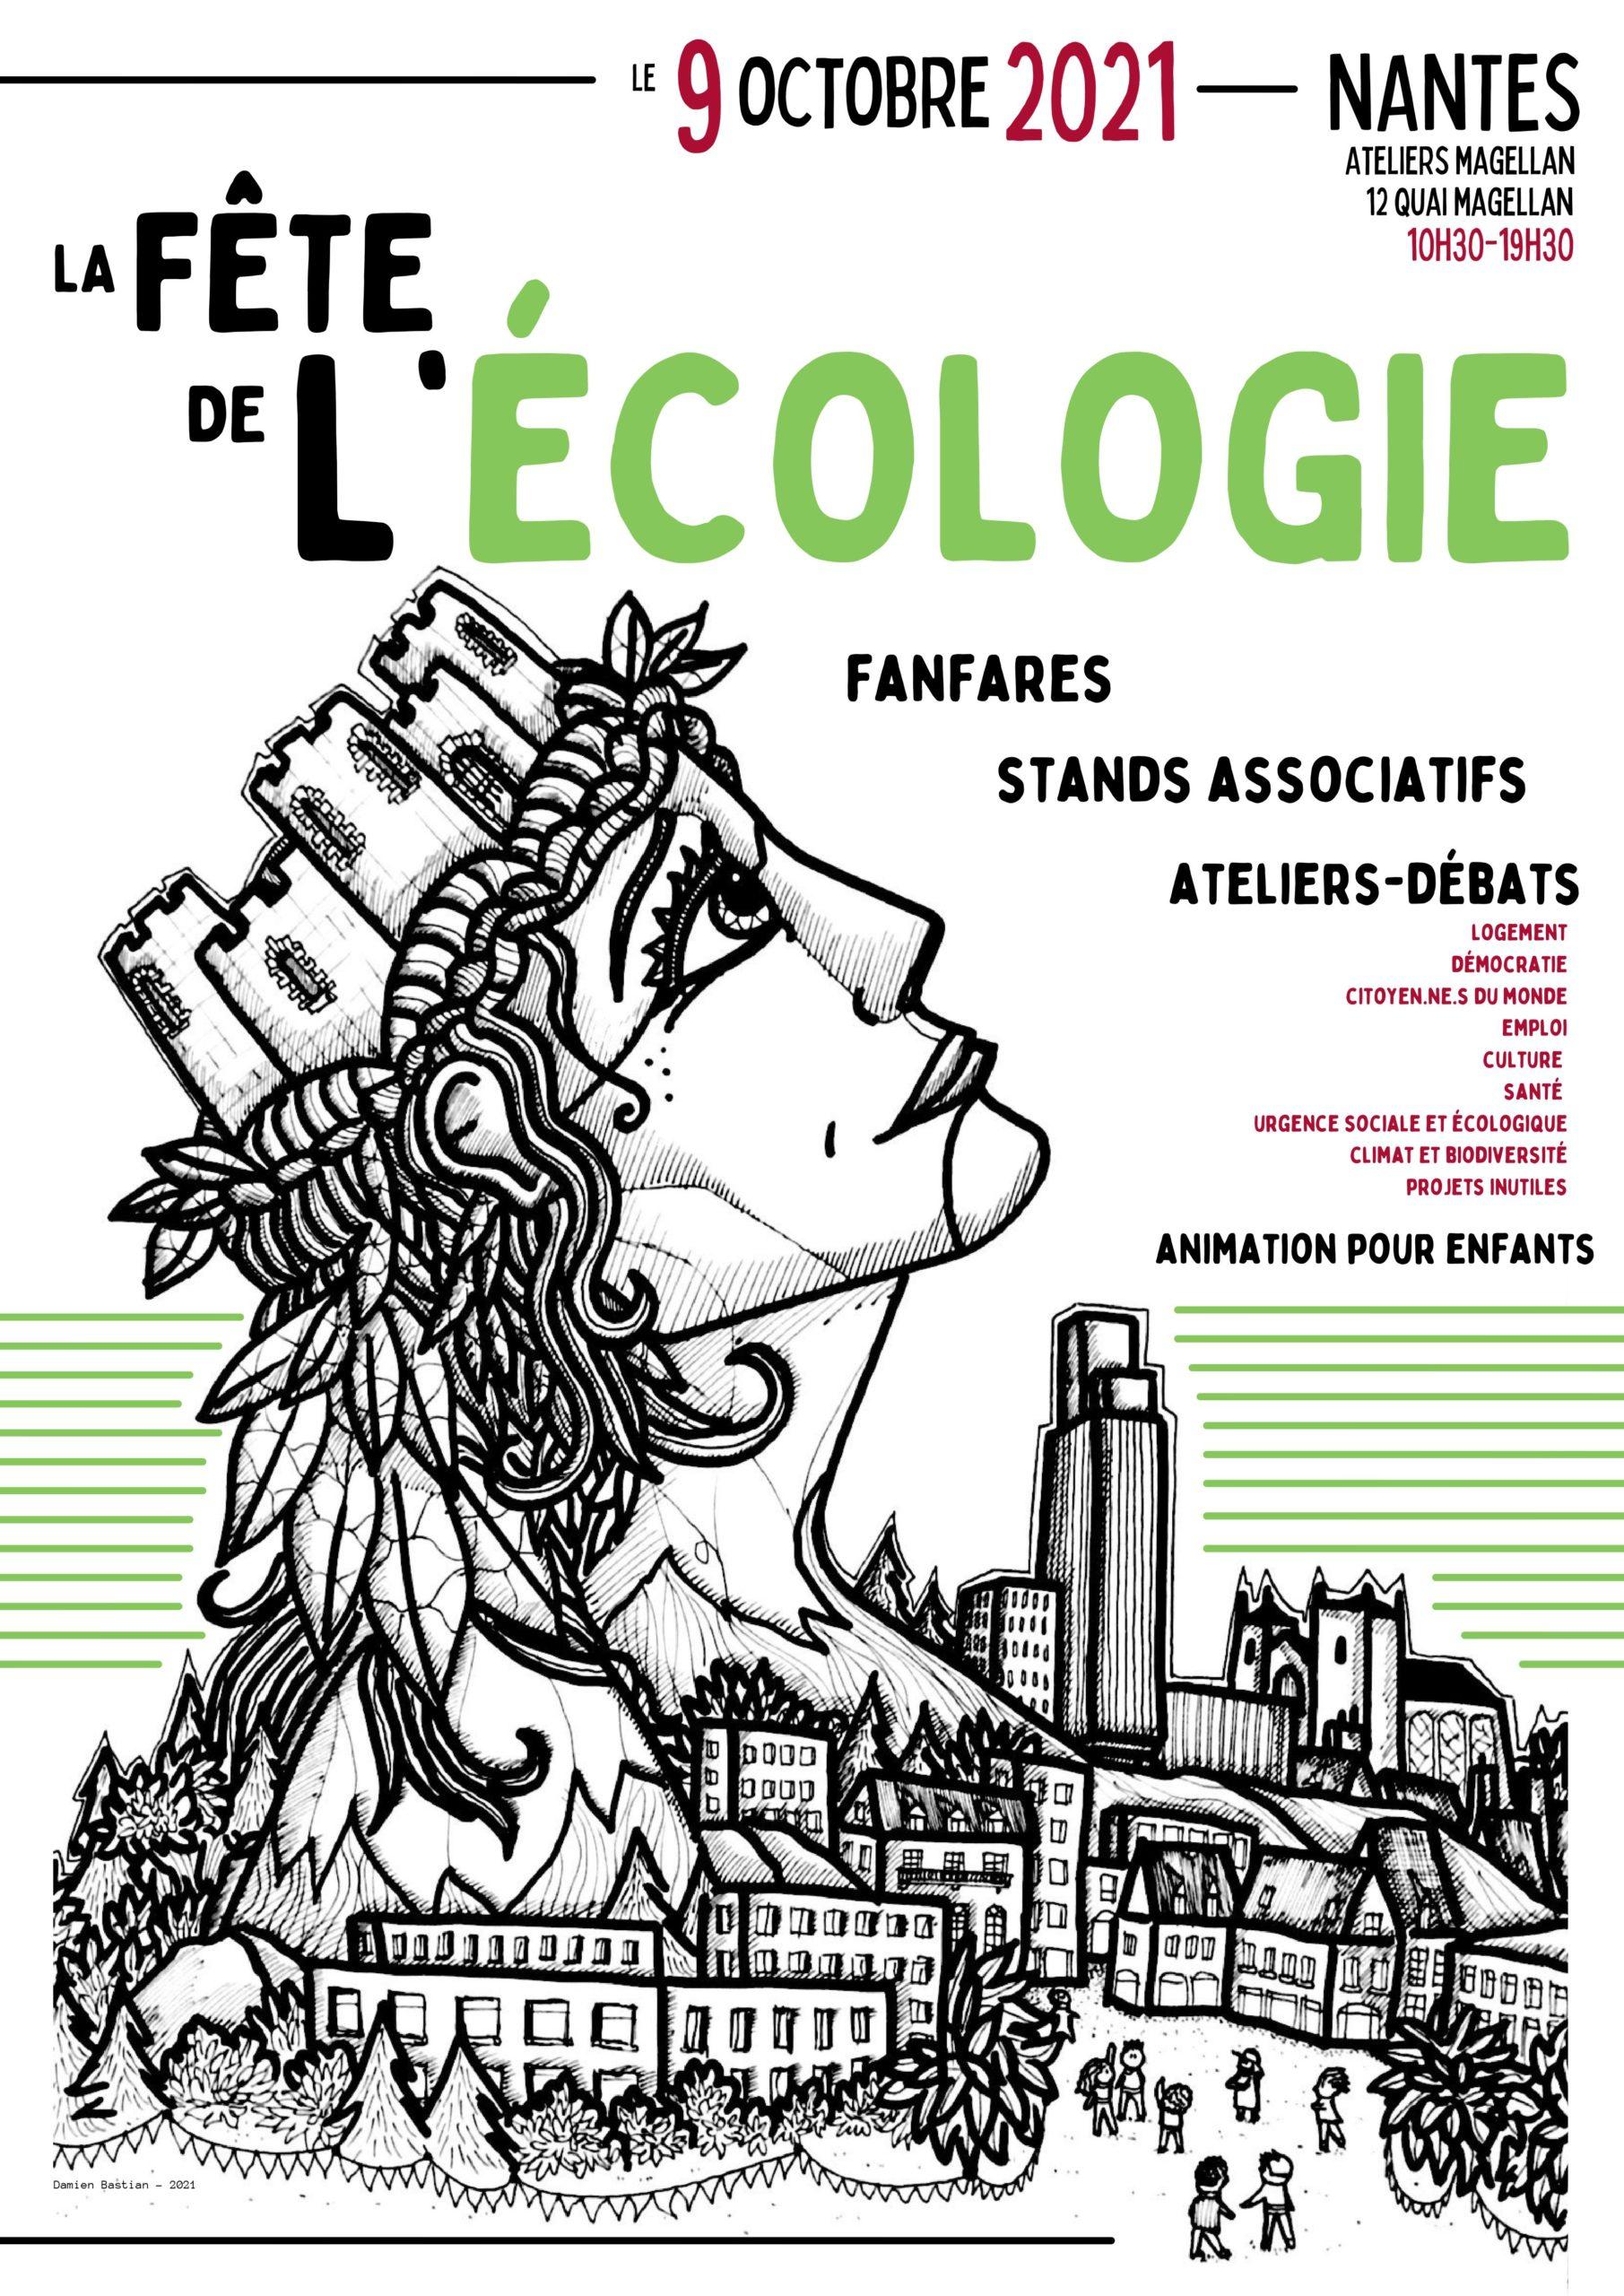 Affiche Fête de l'écologie 9oct2021 Nantes